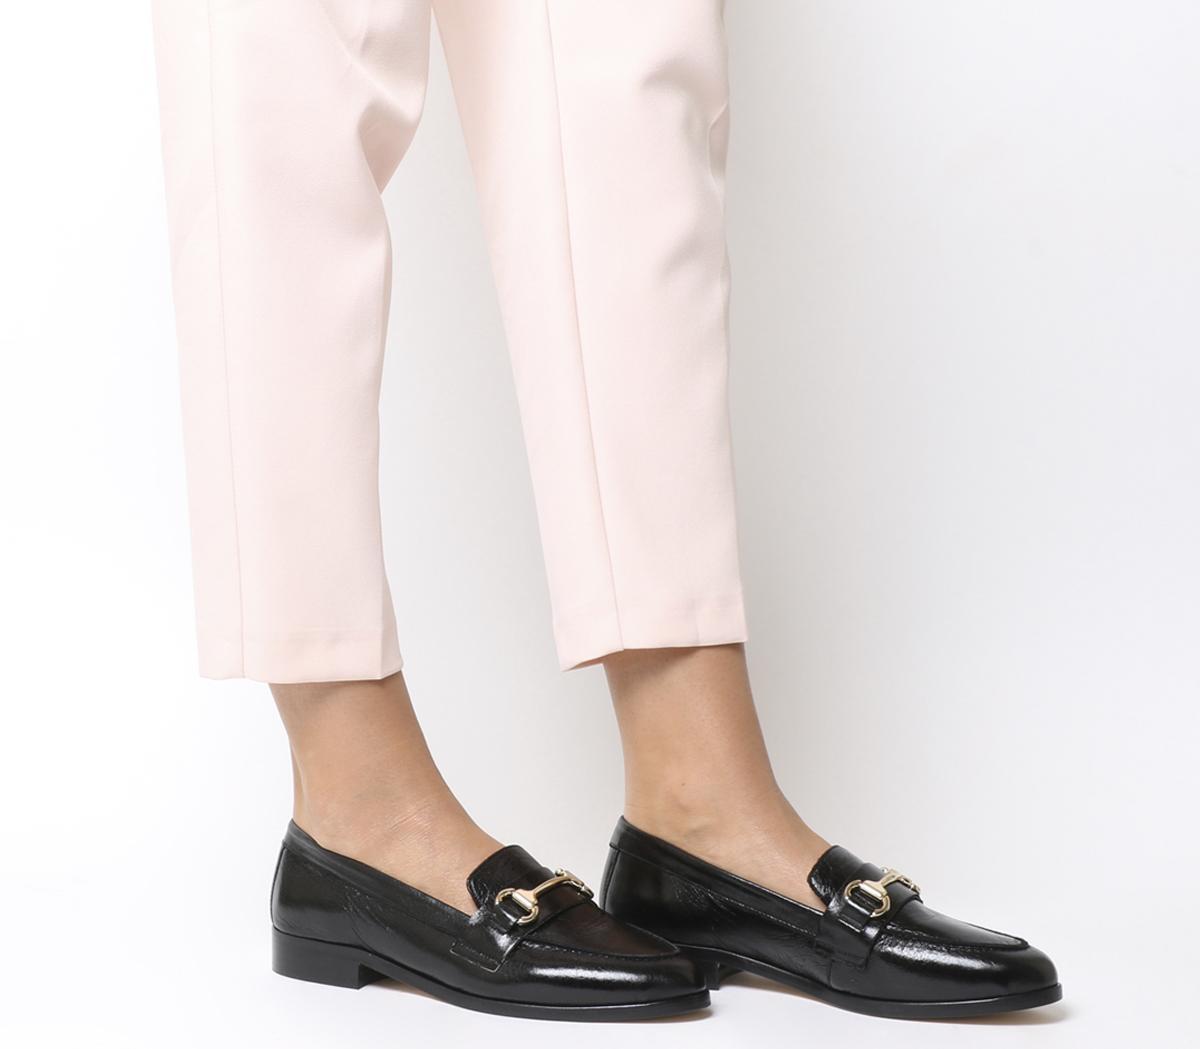 Fluster Loafers